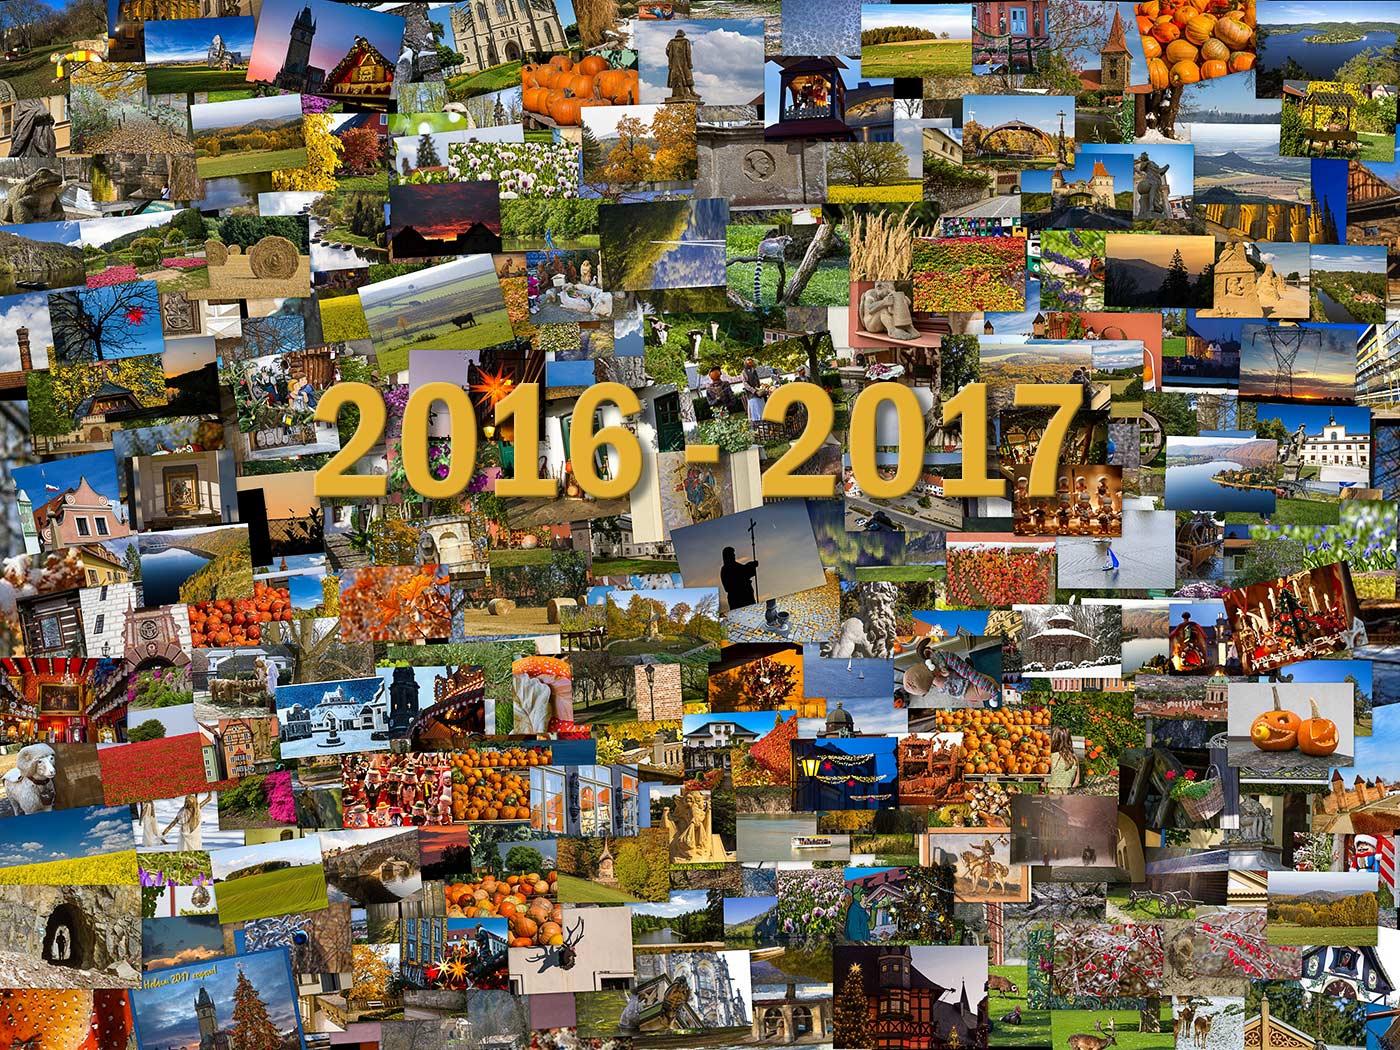 http://countryczech.com/wp-content/uploads/2017/06/22/2016-2017-w1400t.jpg